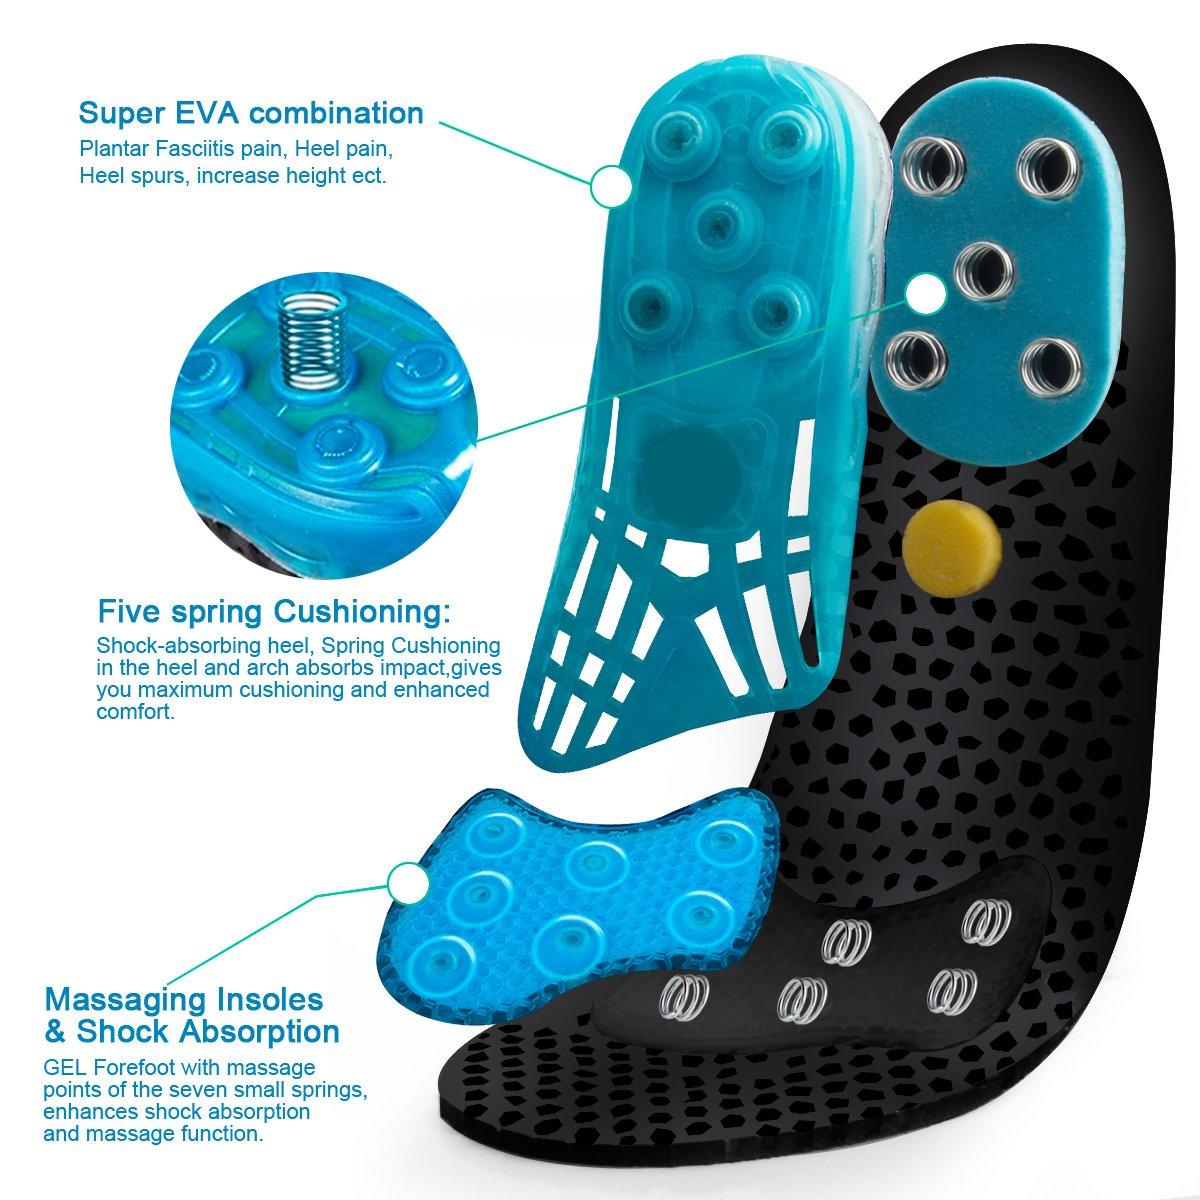 Plantilla para calzado deportivo de Gel de sílice, almohadillas ortopédicas de alto impacto para amortiguar la absorción de golpes, almohadillas para zapatos, almohadillas para masaje de pies